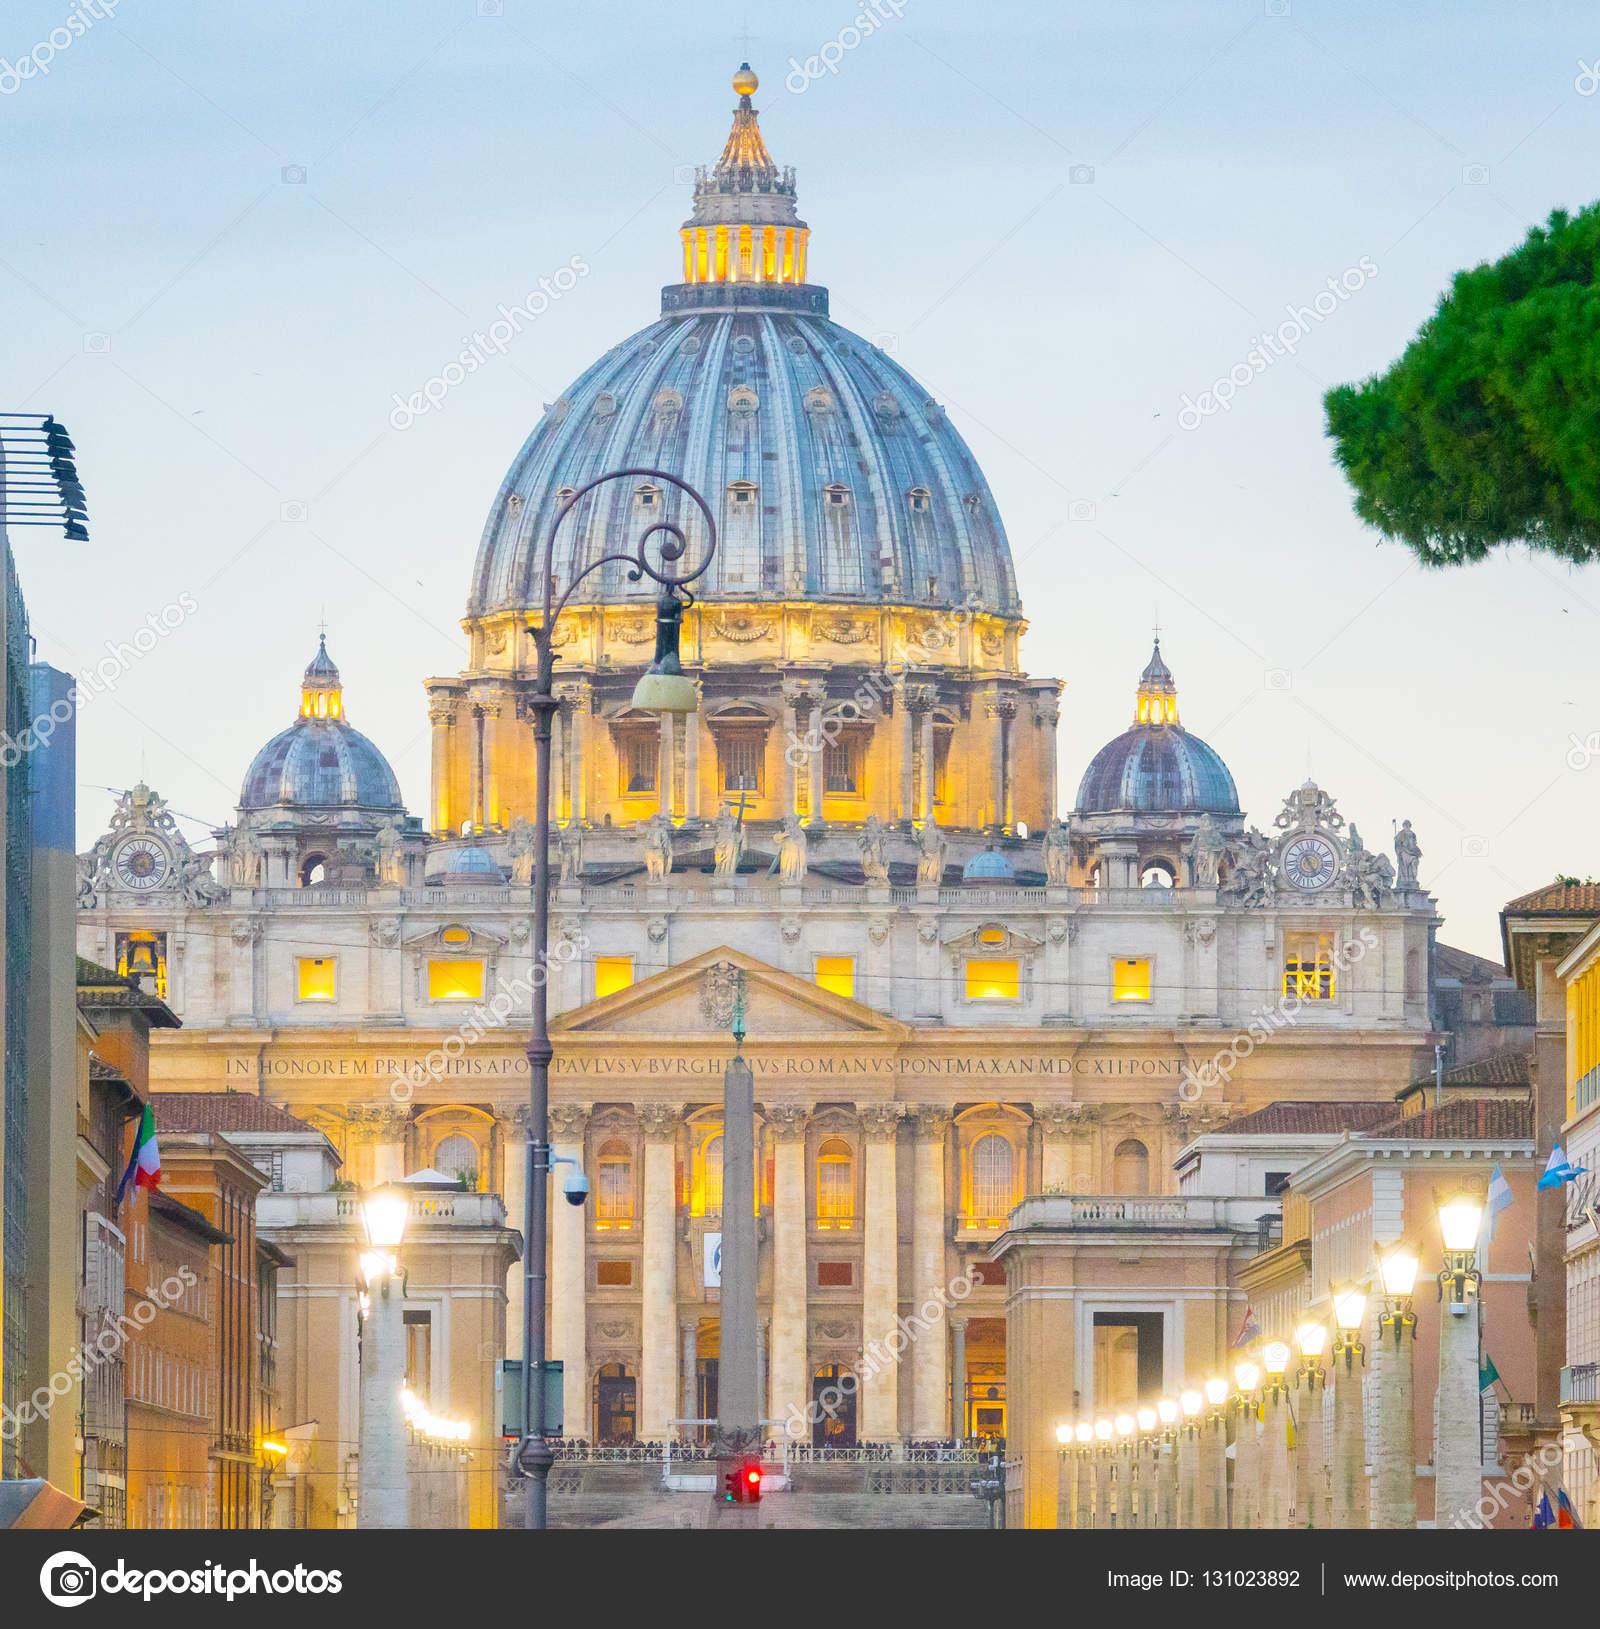 ドームとローマ , ローマ、イタリア , 2016 年 11 月 5 日にバチカン市国にサンピエトロ大聖堂の印象的な建物の素晴らしい景色 \u2014  [著者]の写真 4kclips